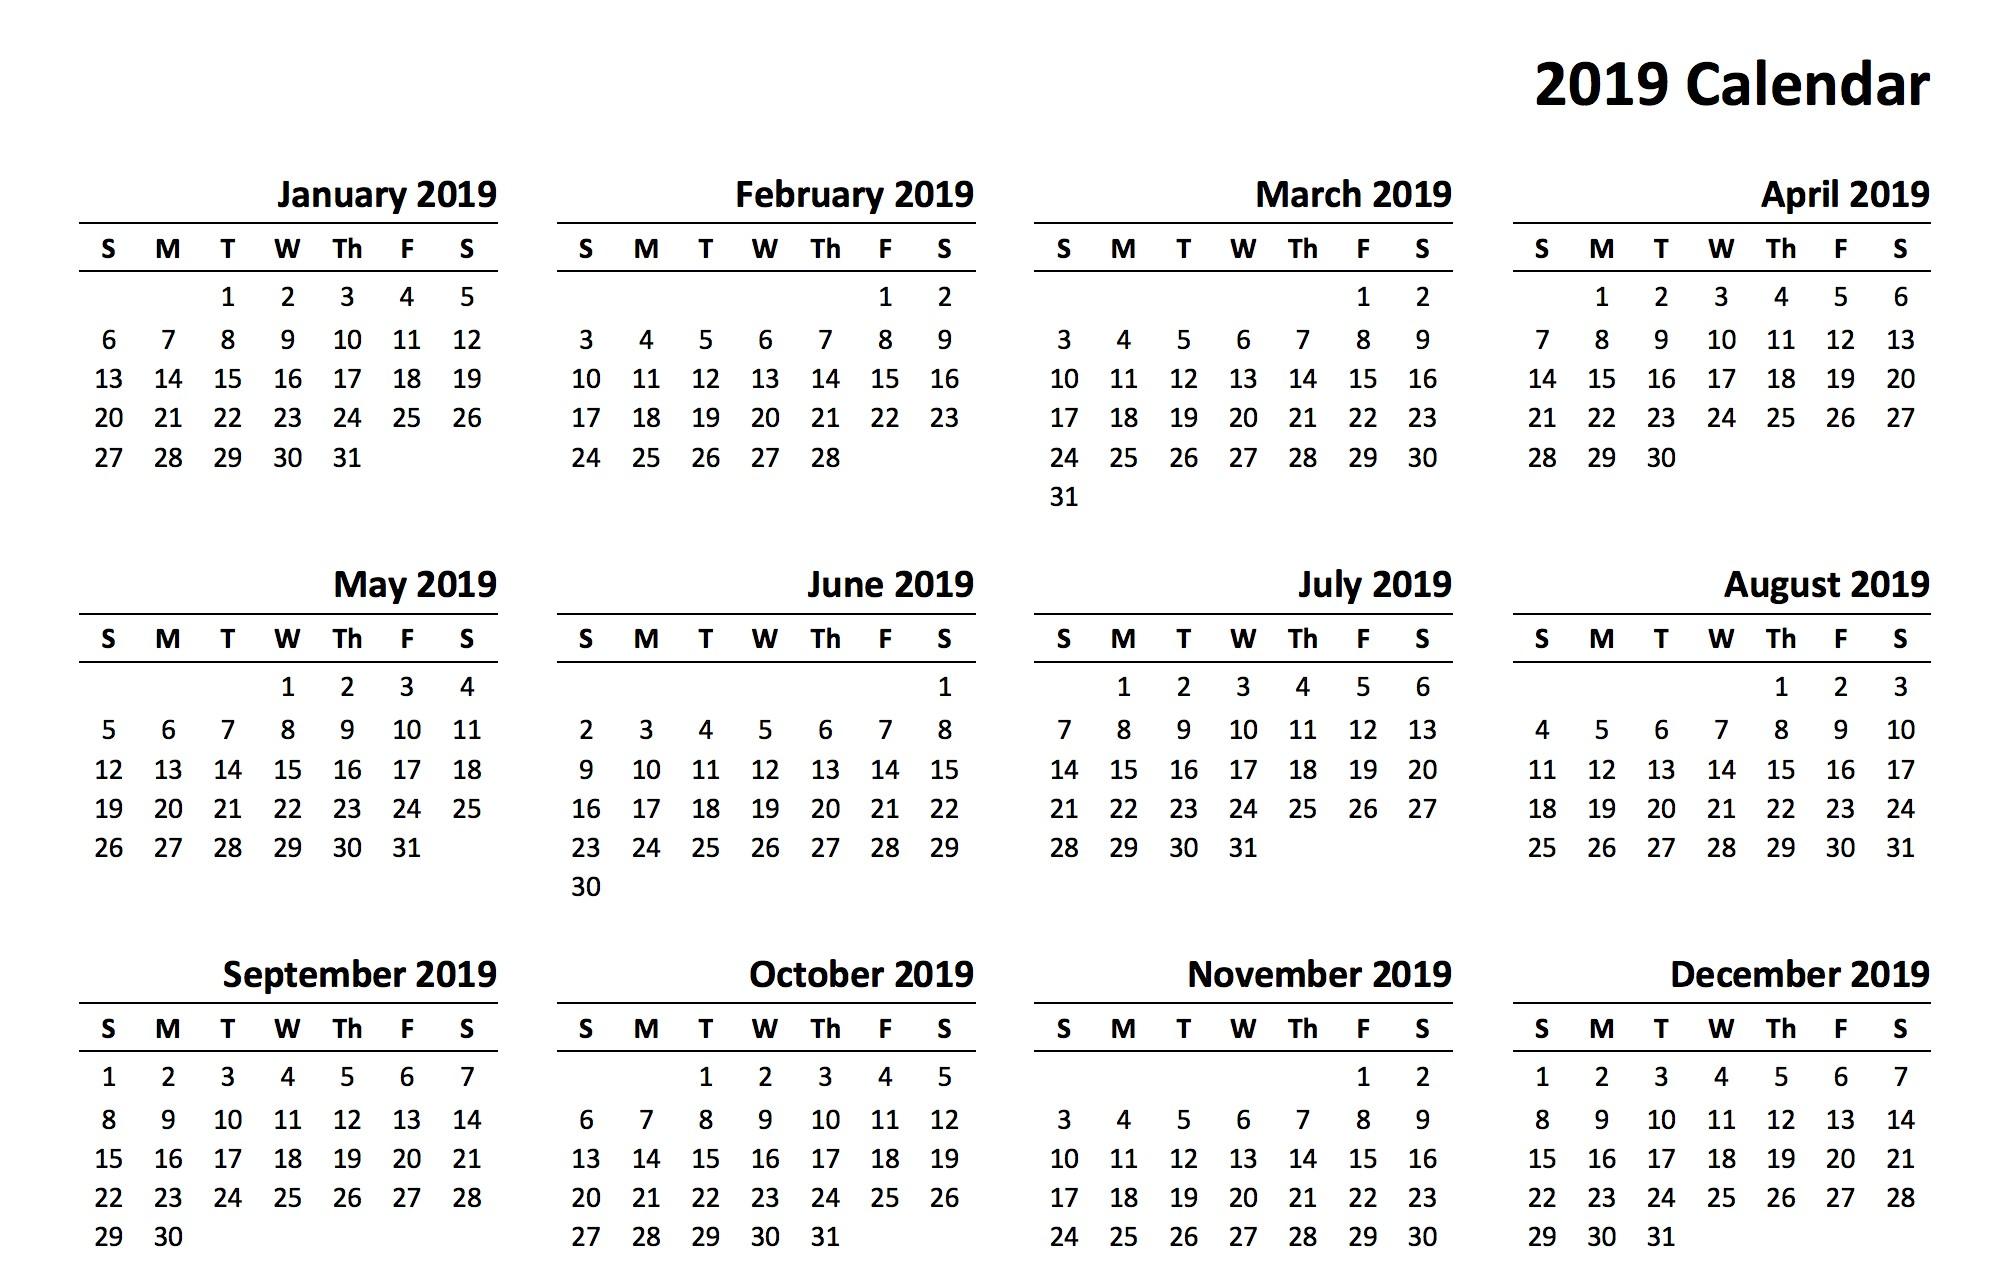 2019 Full Year Calendar Printable 2019 Calendar Amazonaws